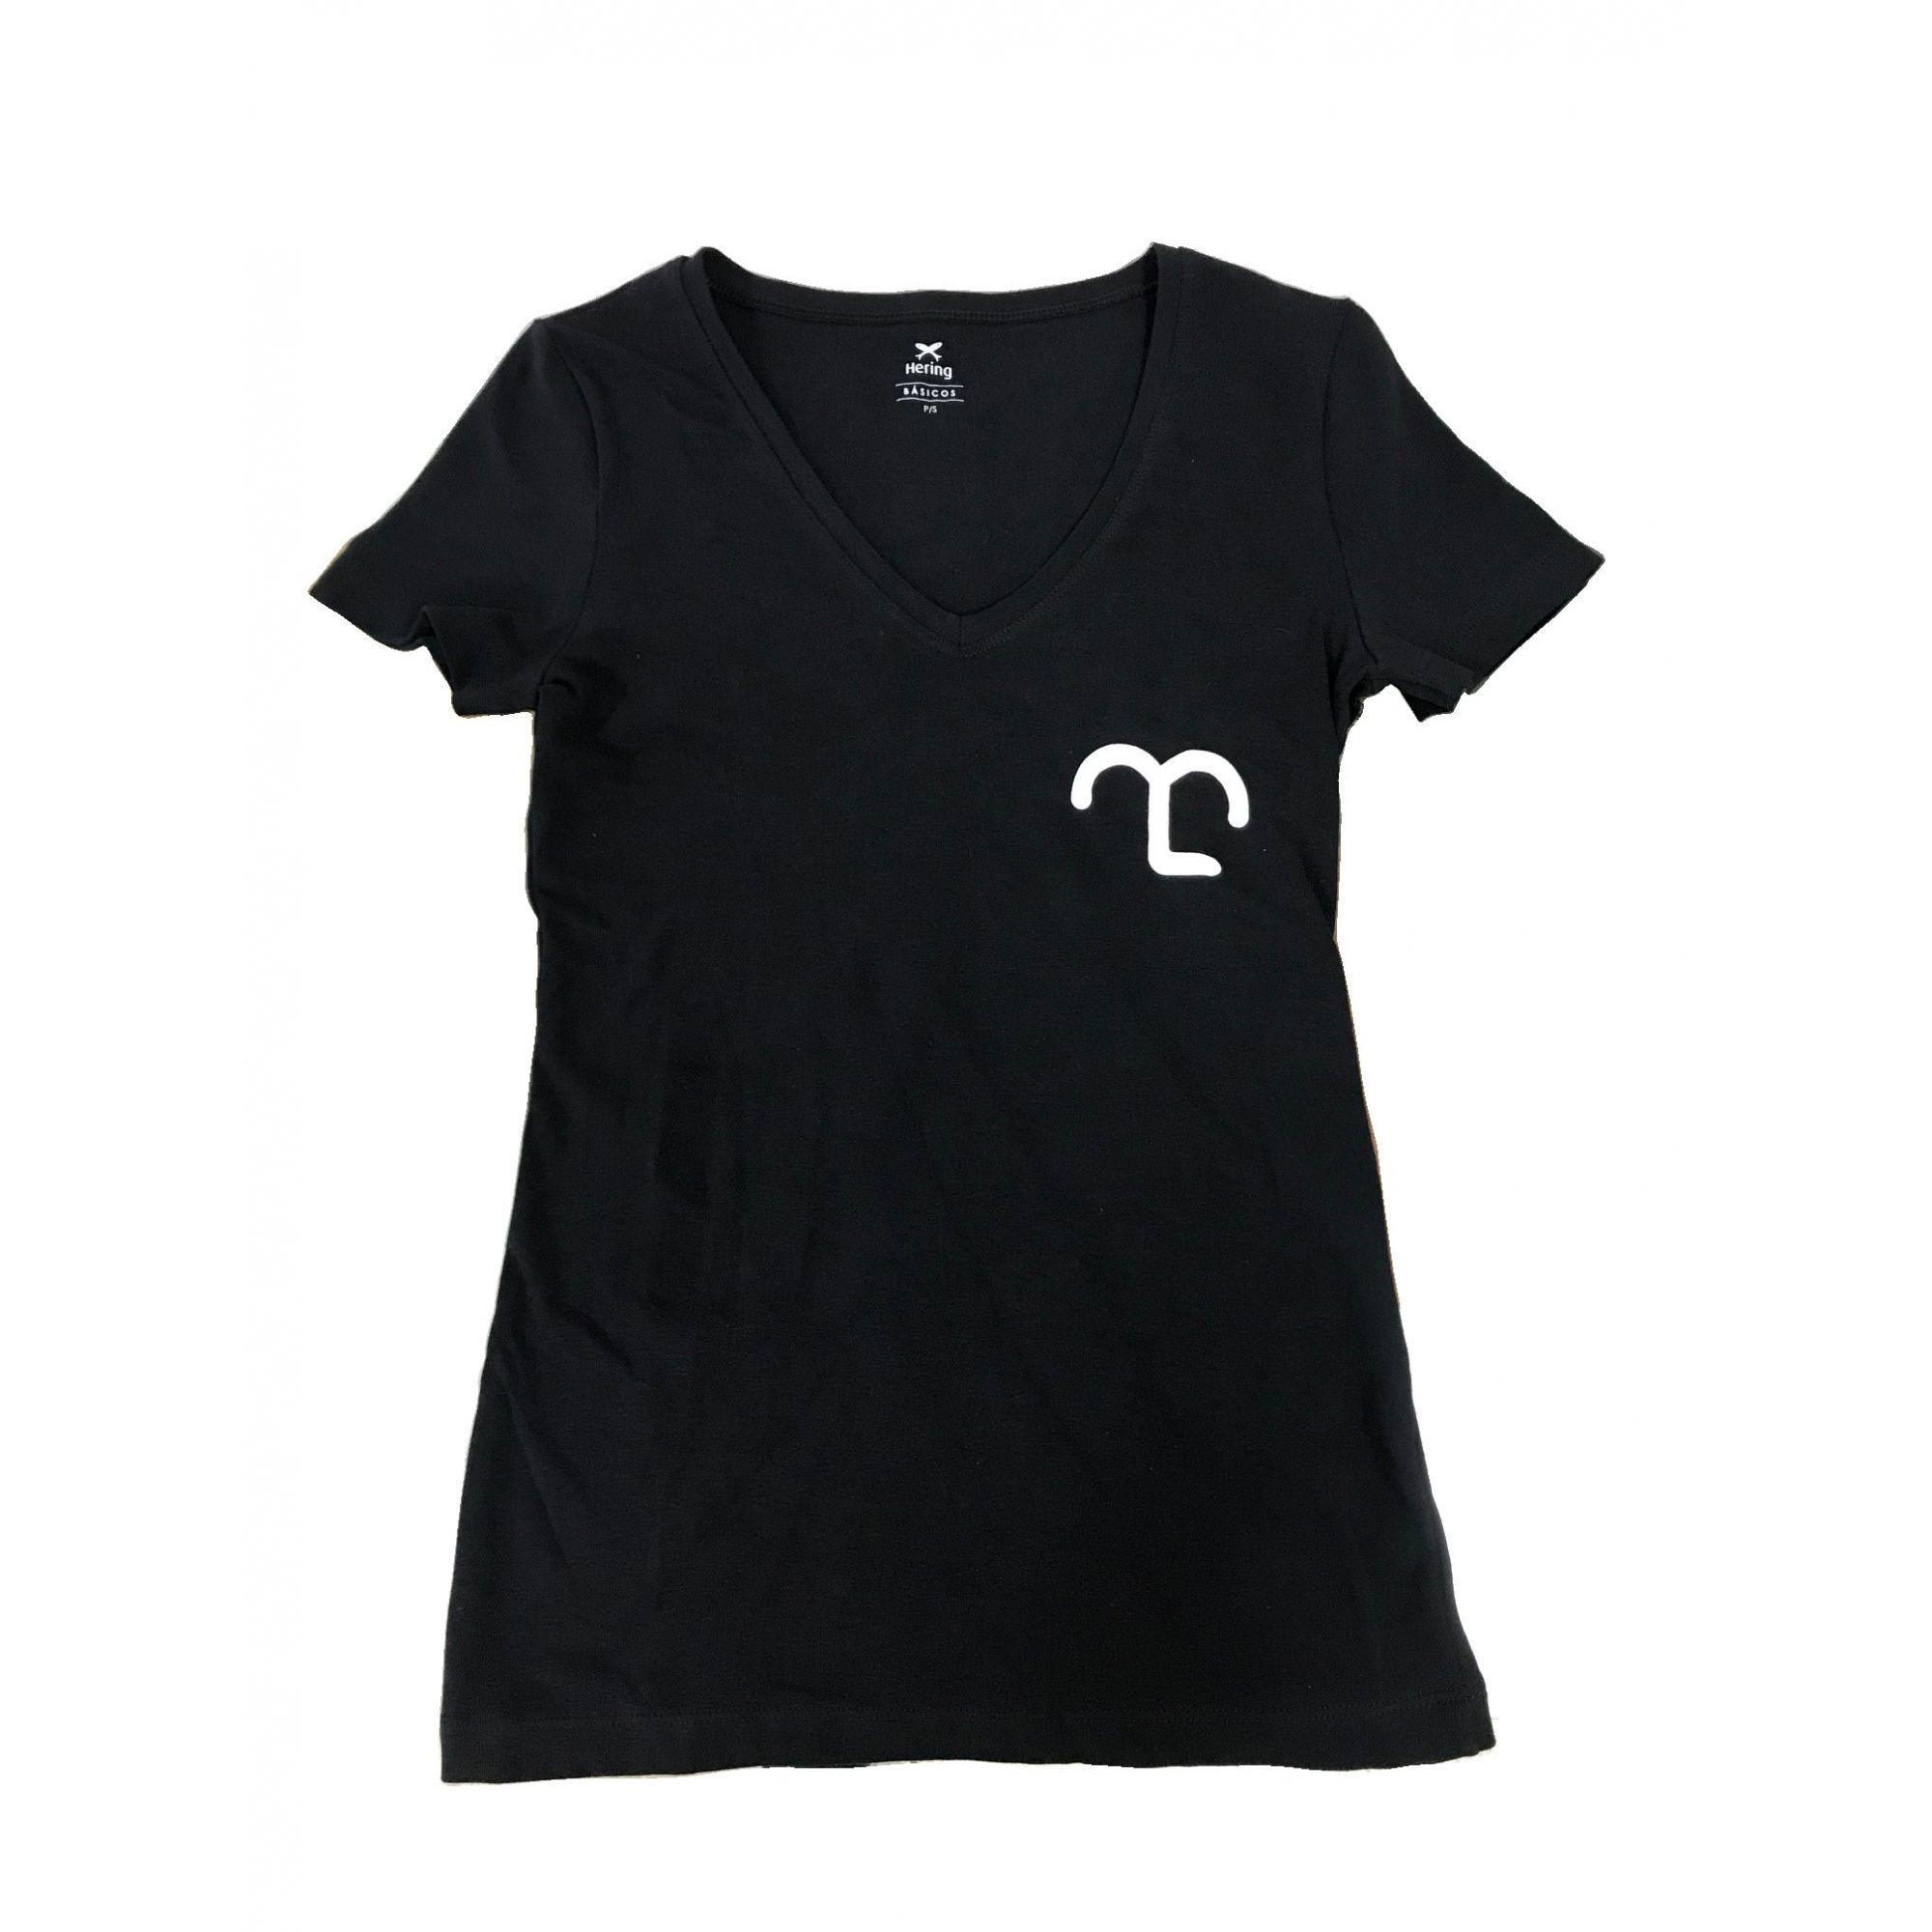 Camiseta Mangalarga Amor de Verdade  - Boutique Mangalarga